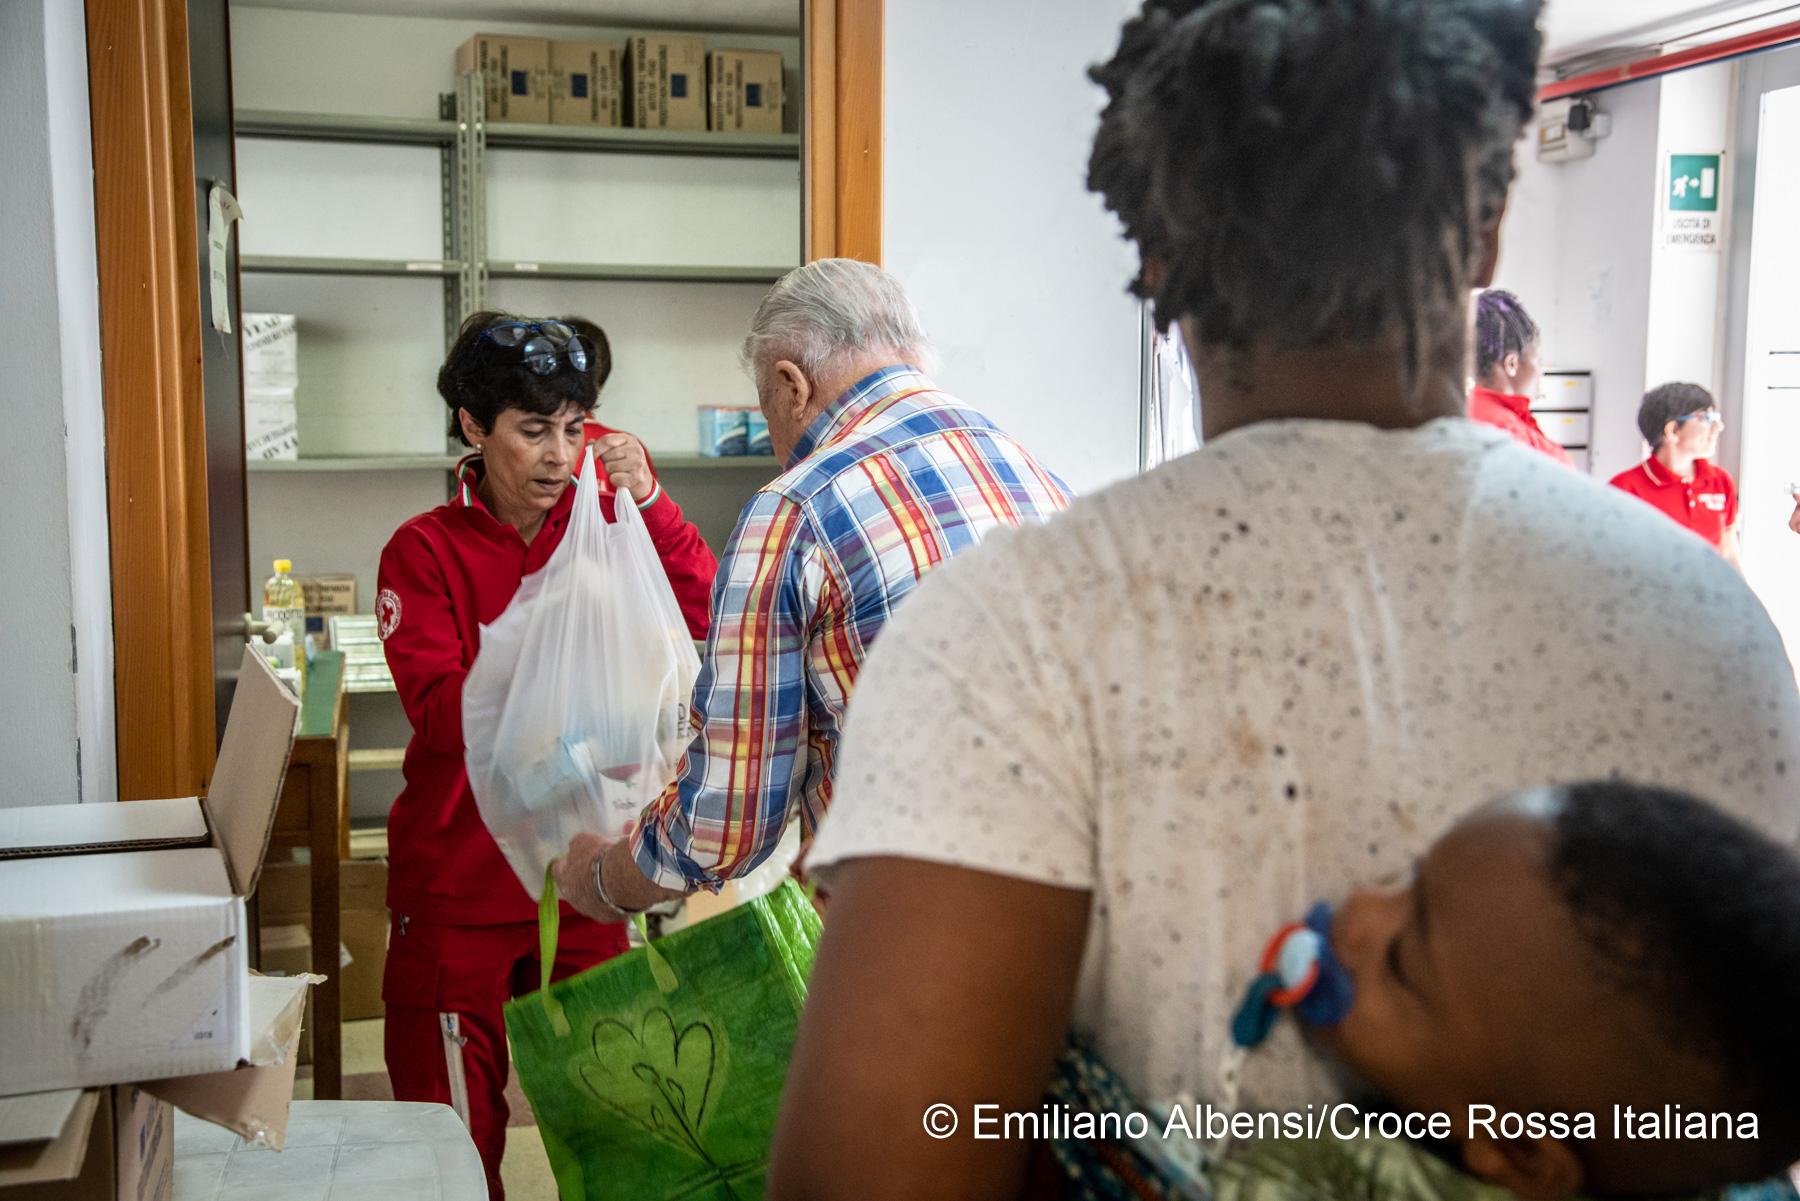 Giornata contro la povertà: migliaia le richieste di aiuto a cui diamo risposta